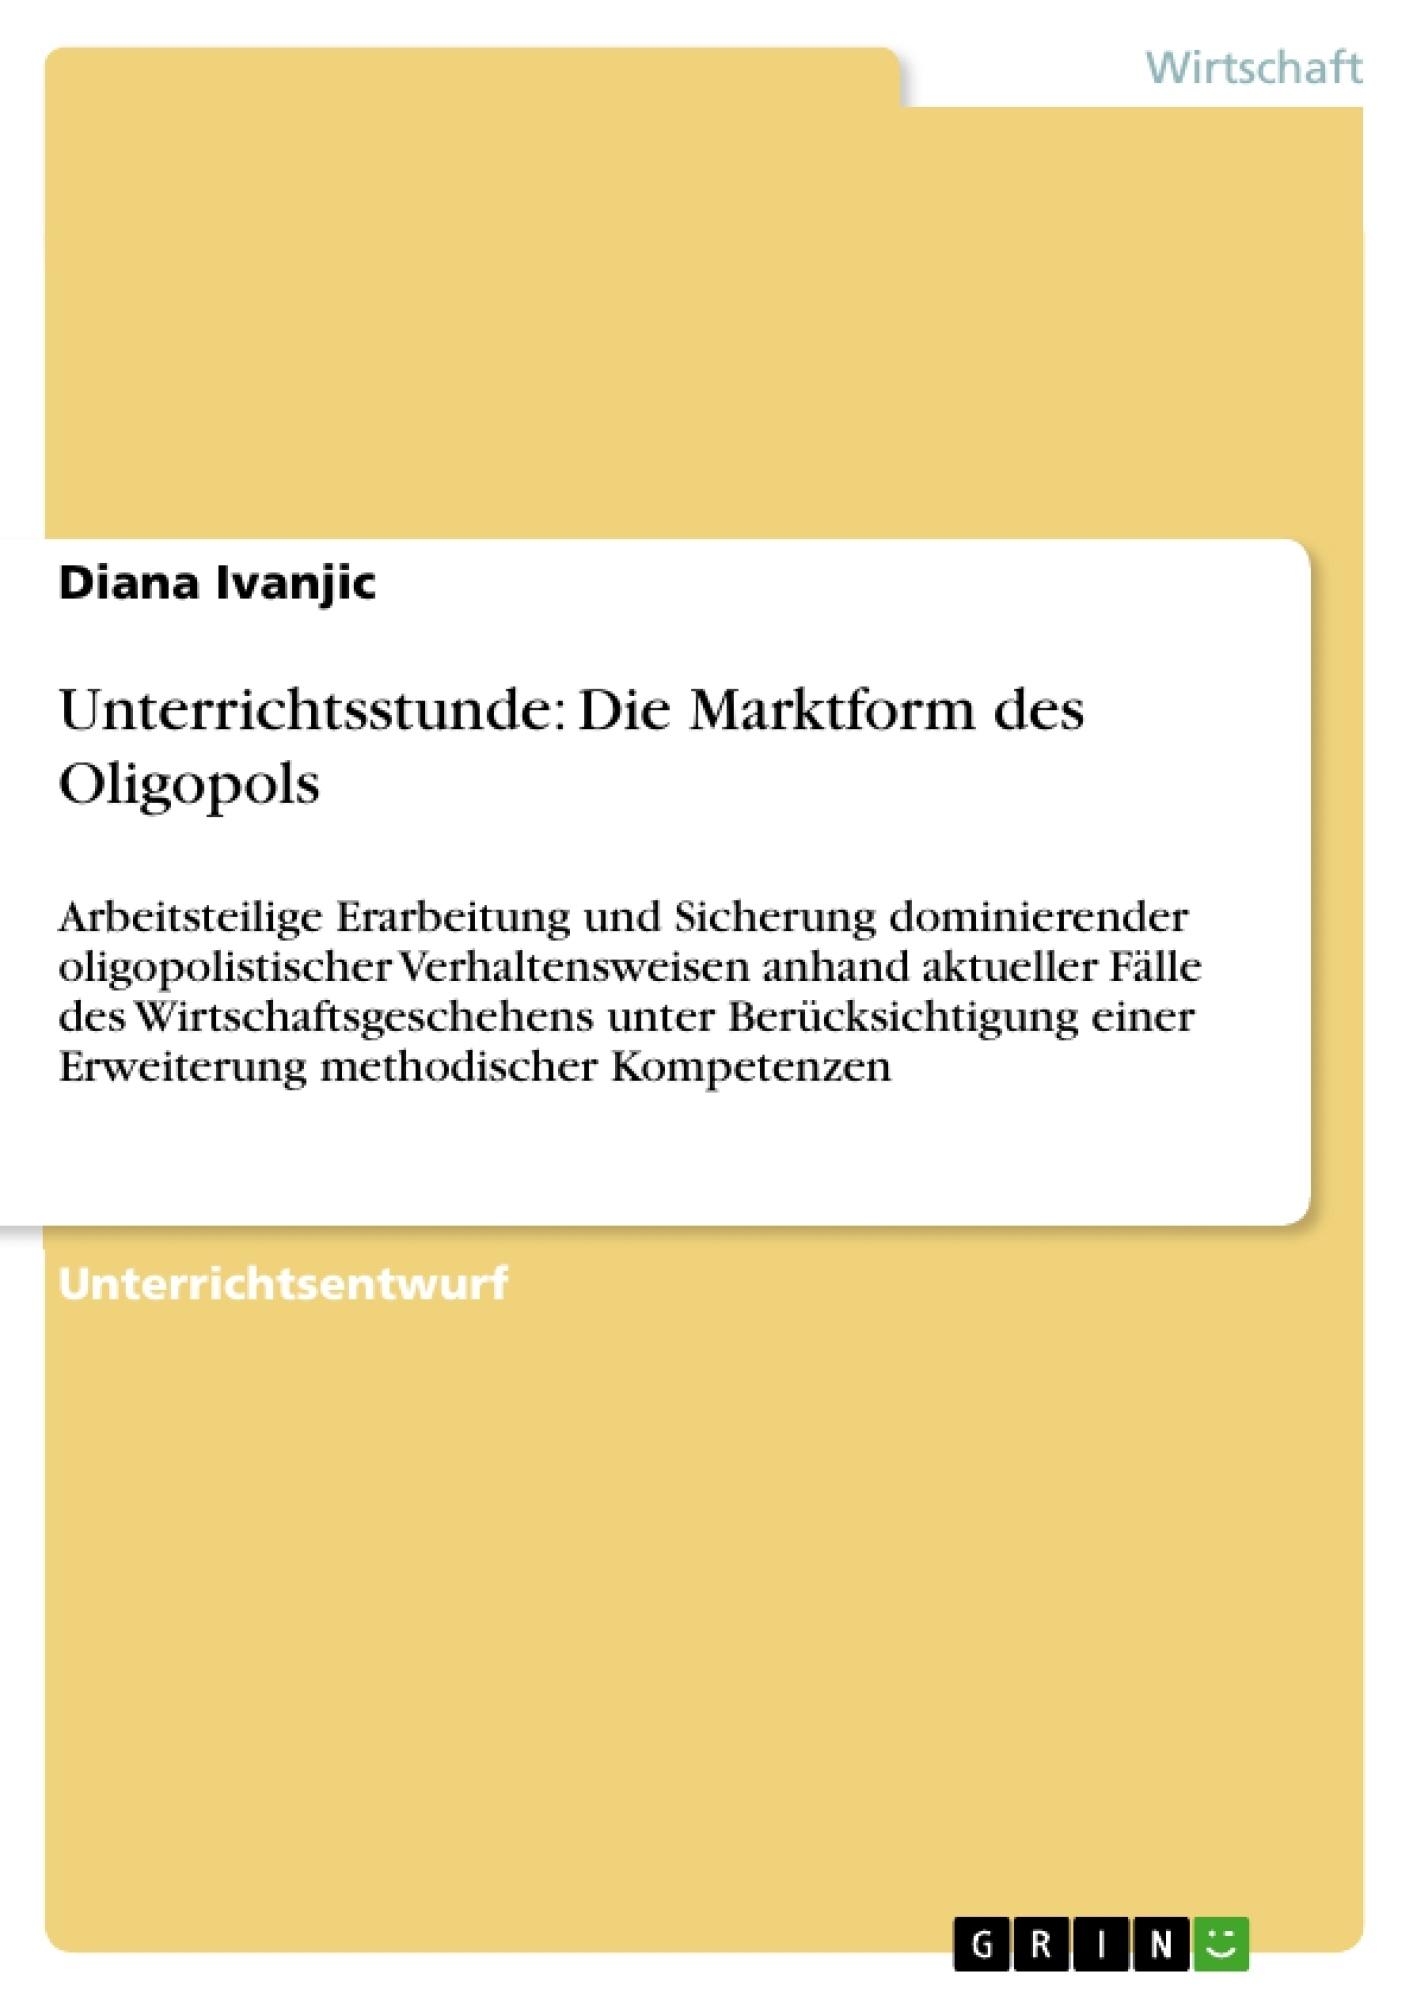 Titel: Unterrichtsstunde: Die Marktform des Oligopols